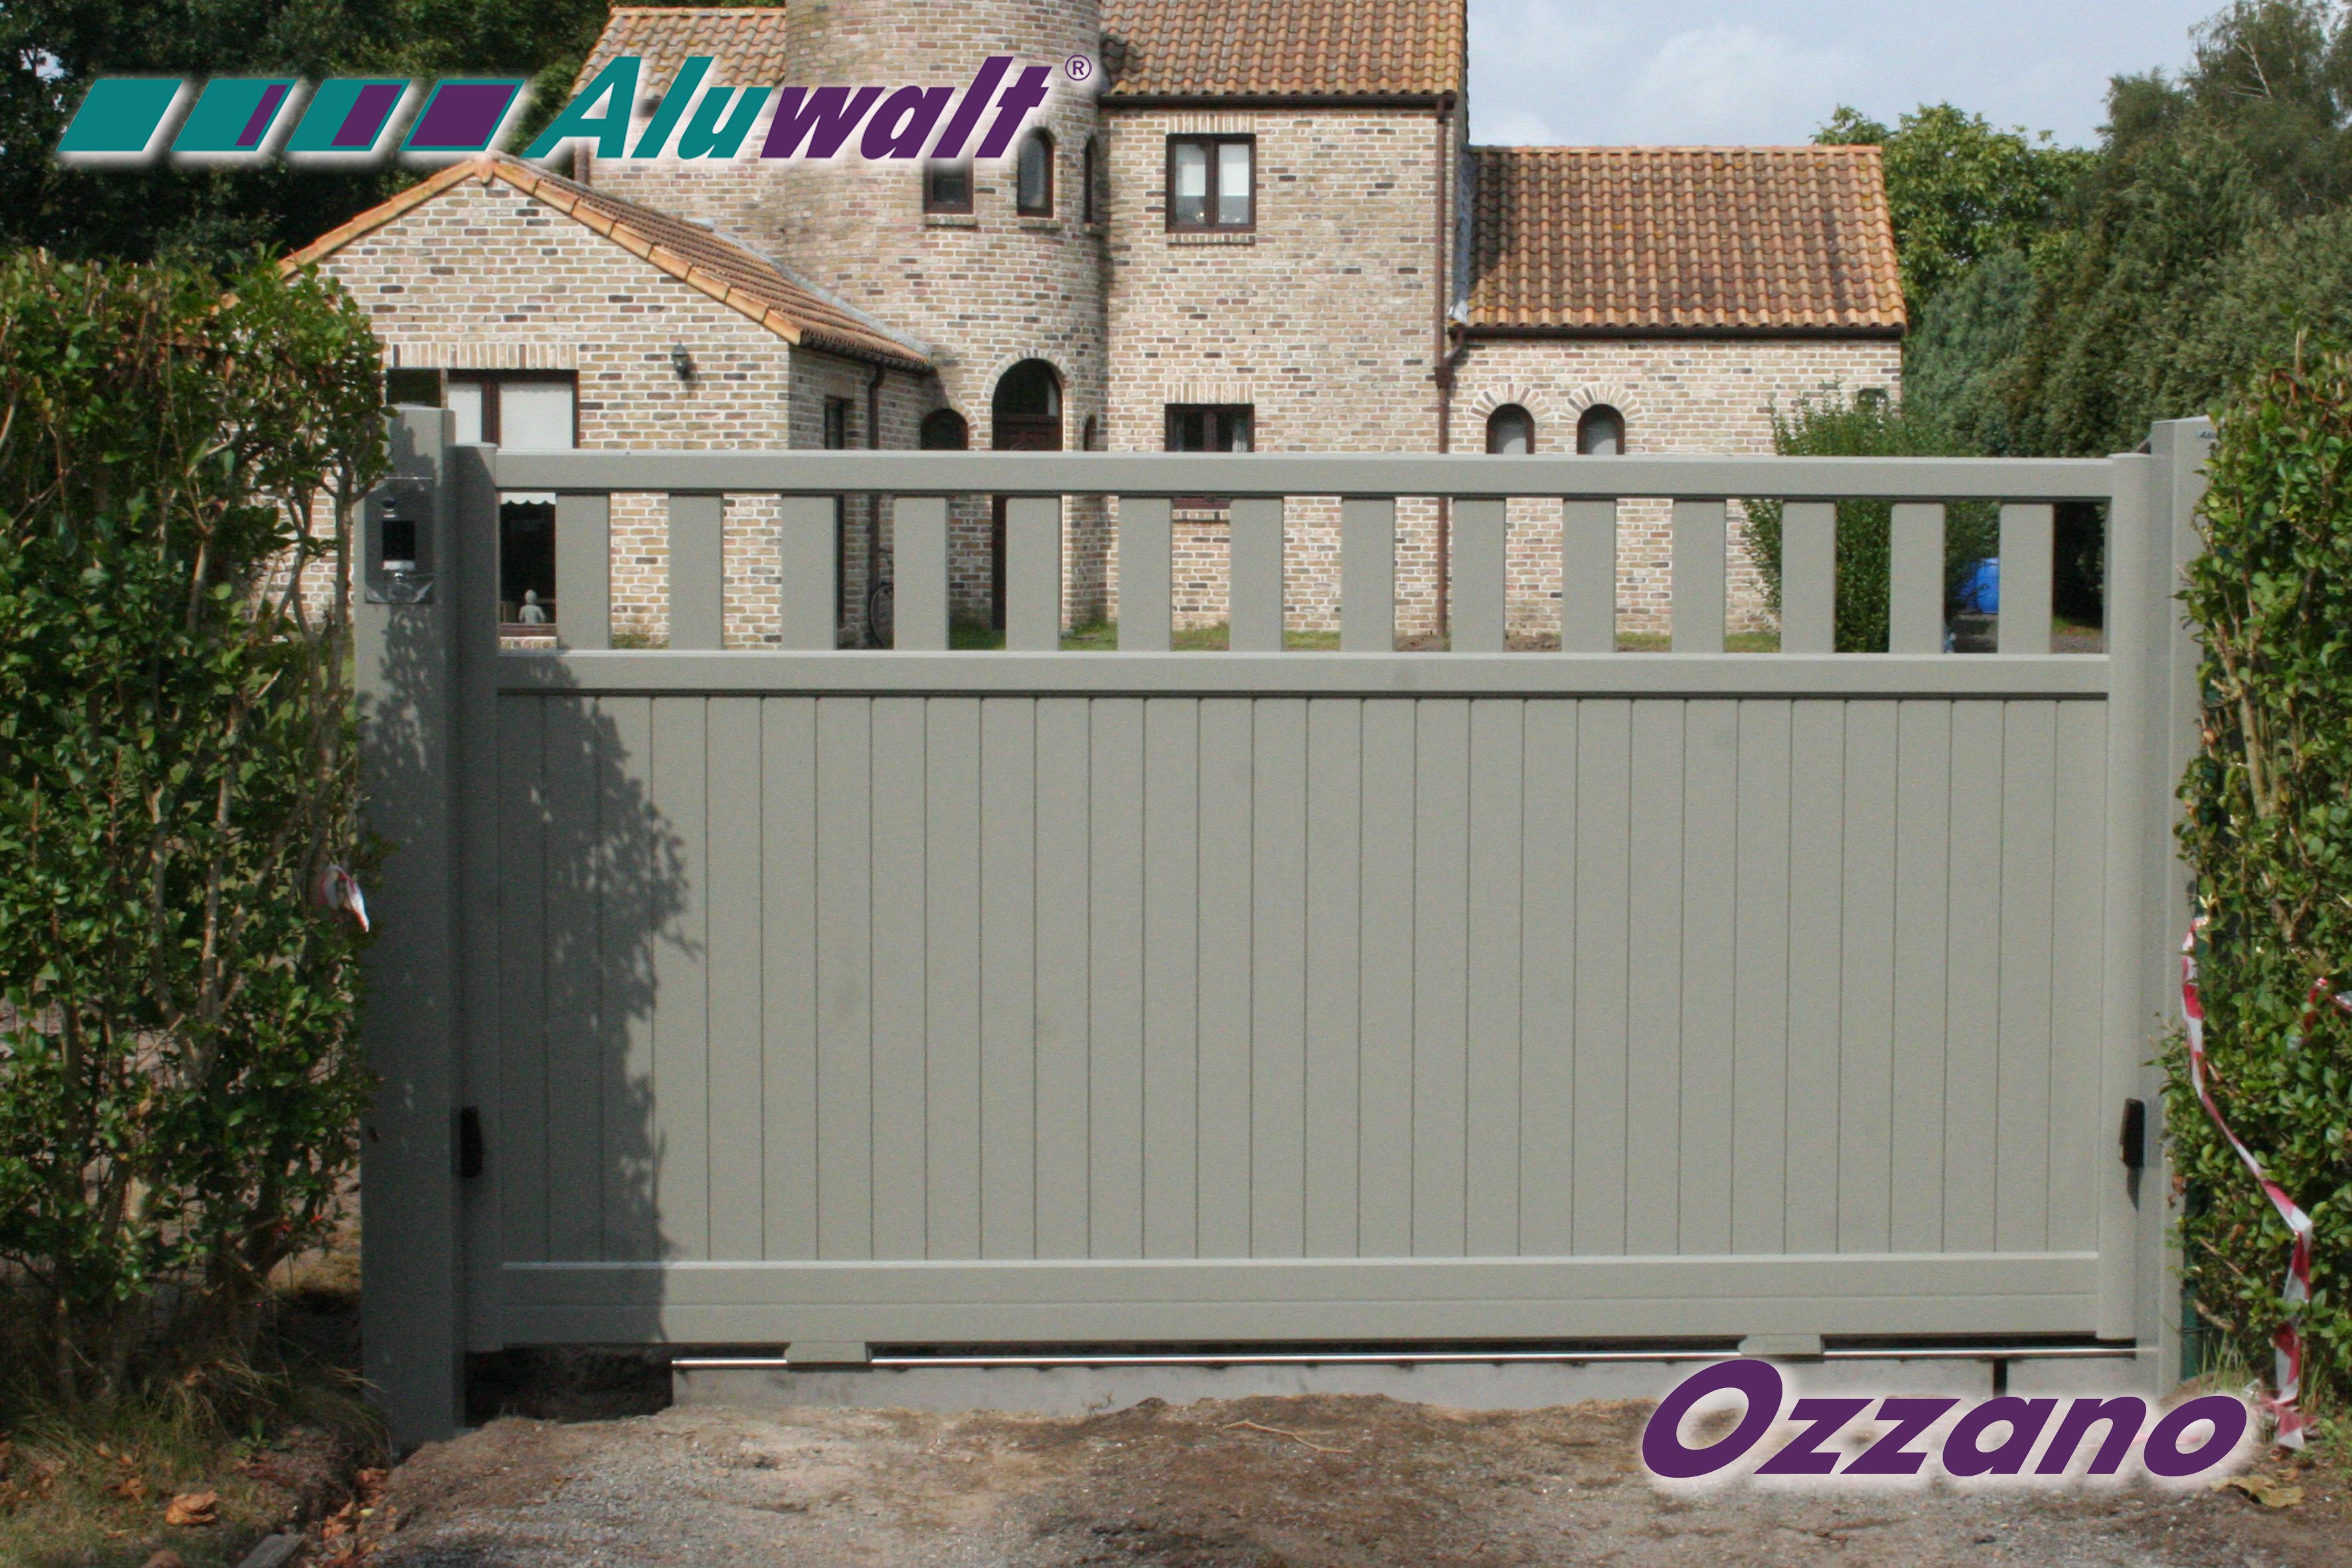 Ozzano20